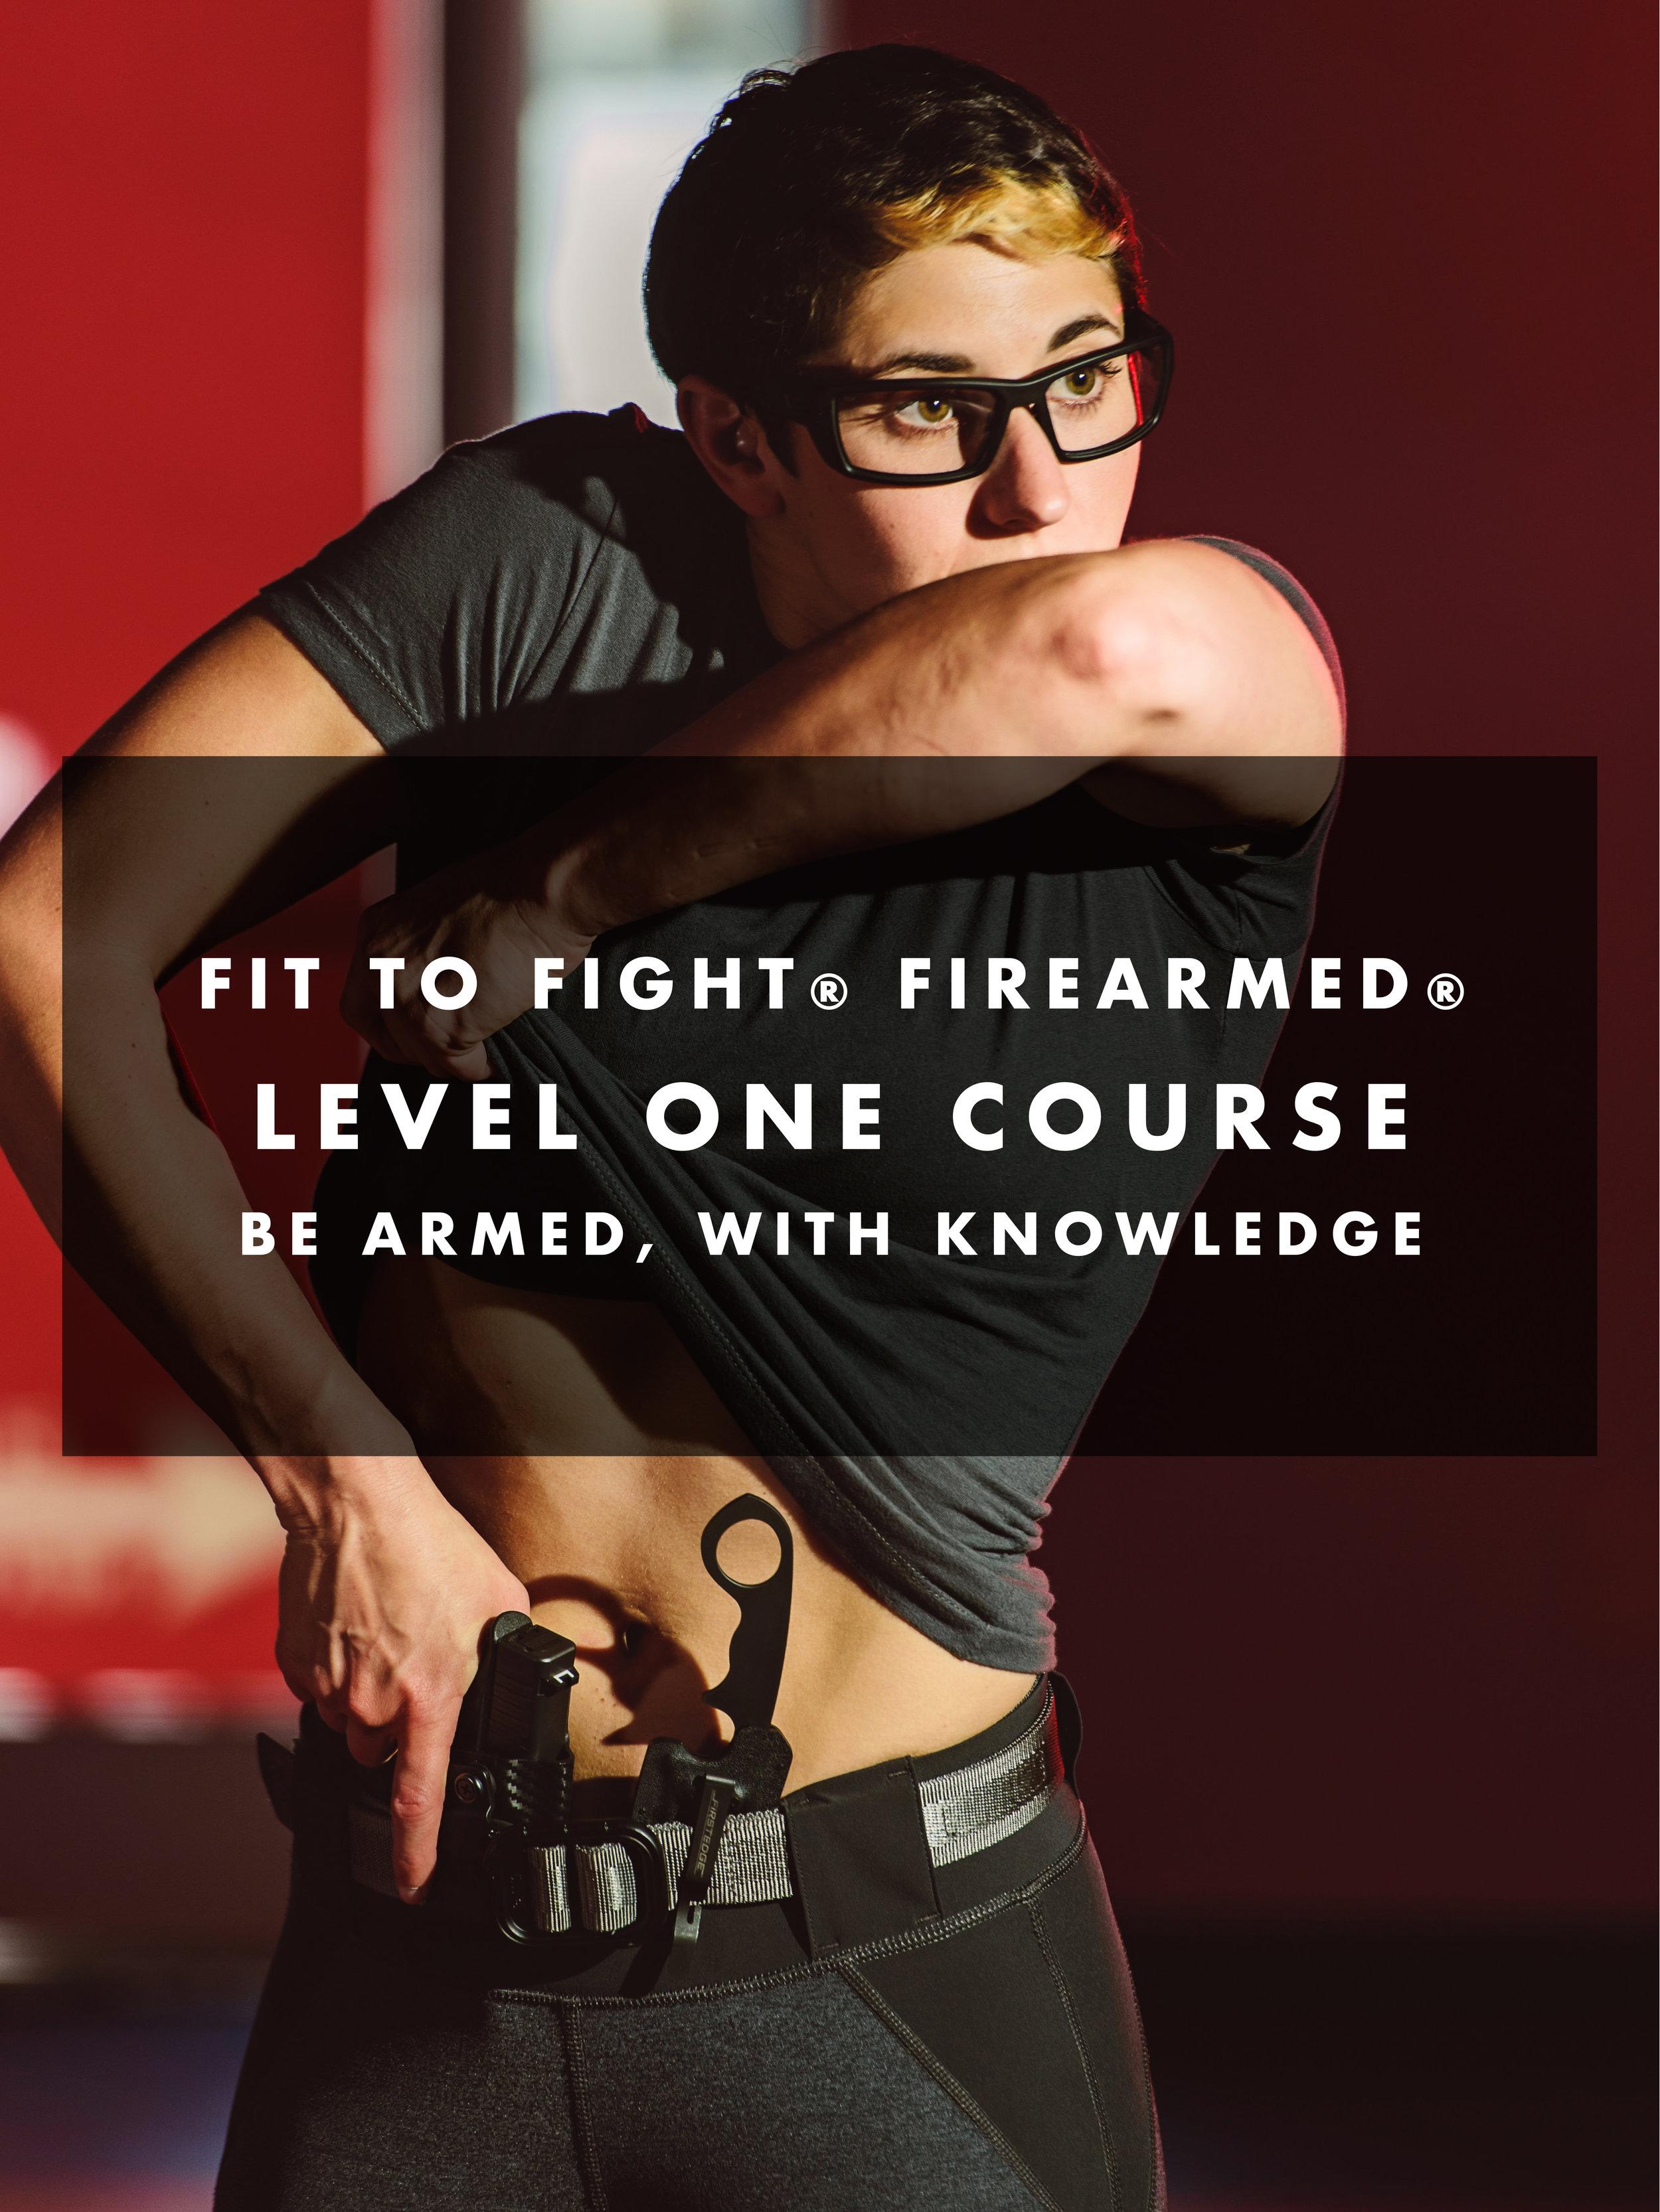 firearmedimageslev1-1.jpg